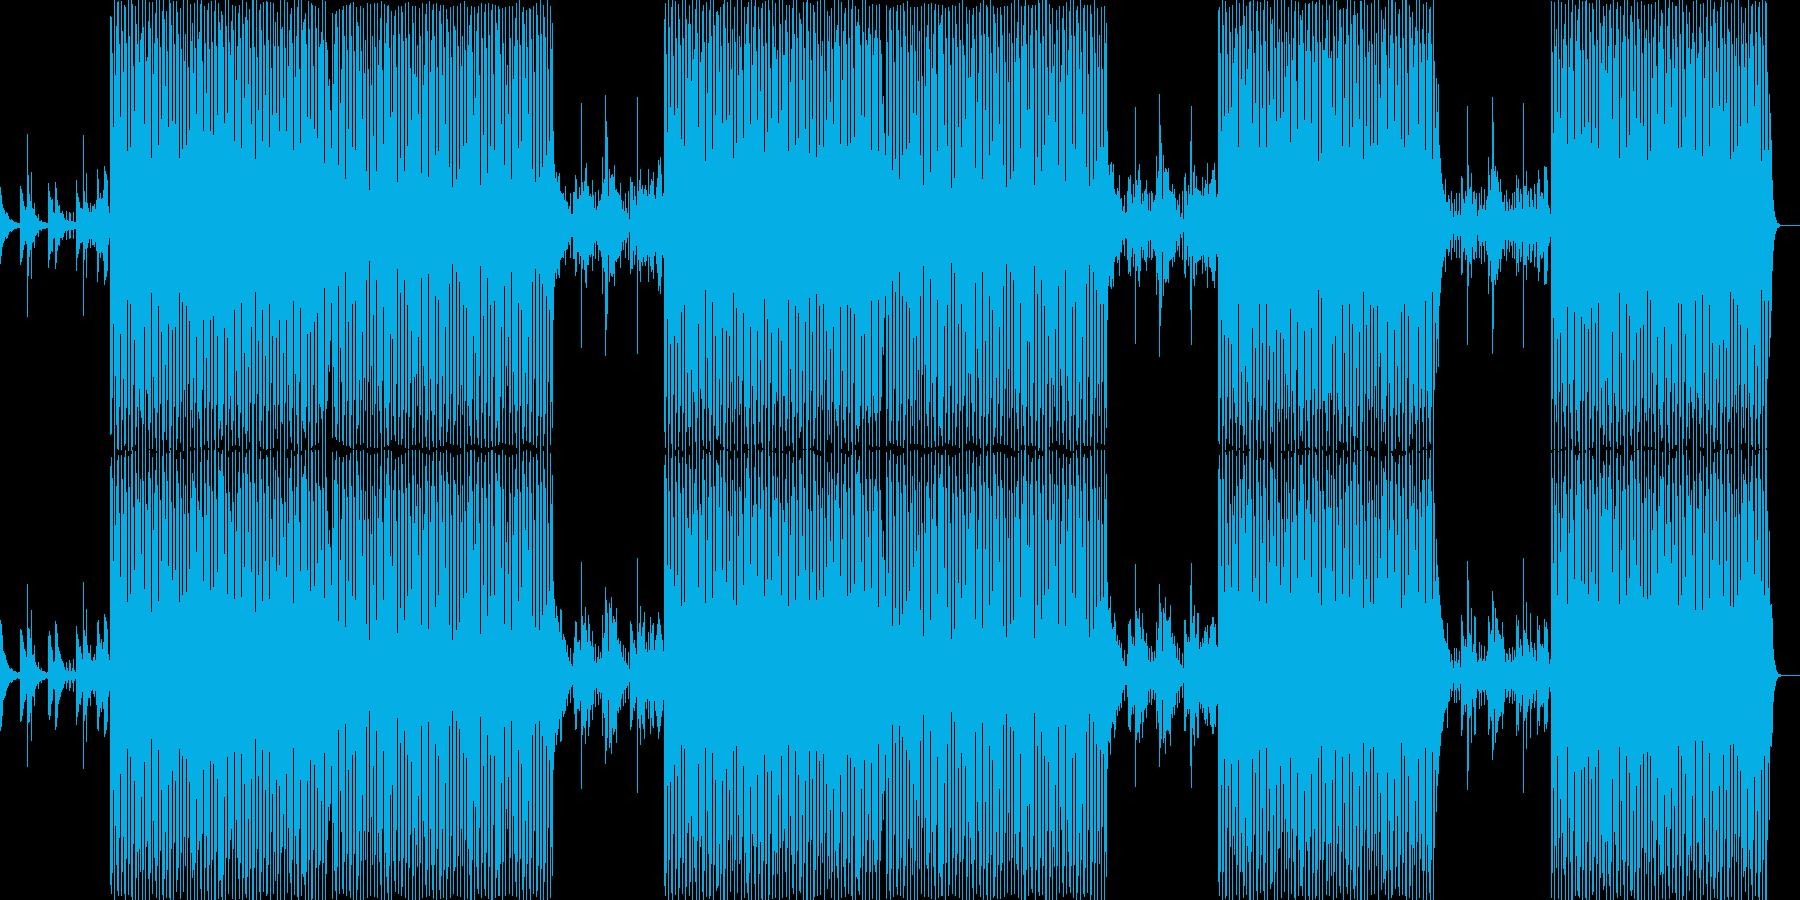 テンポ感あるノリの良い和風BGM音楽の再生済みの波形